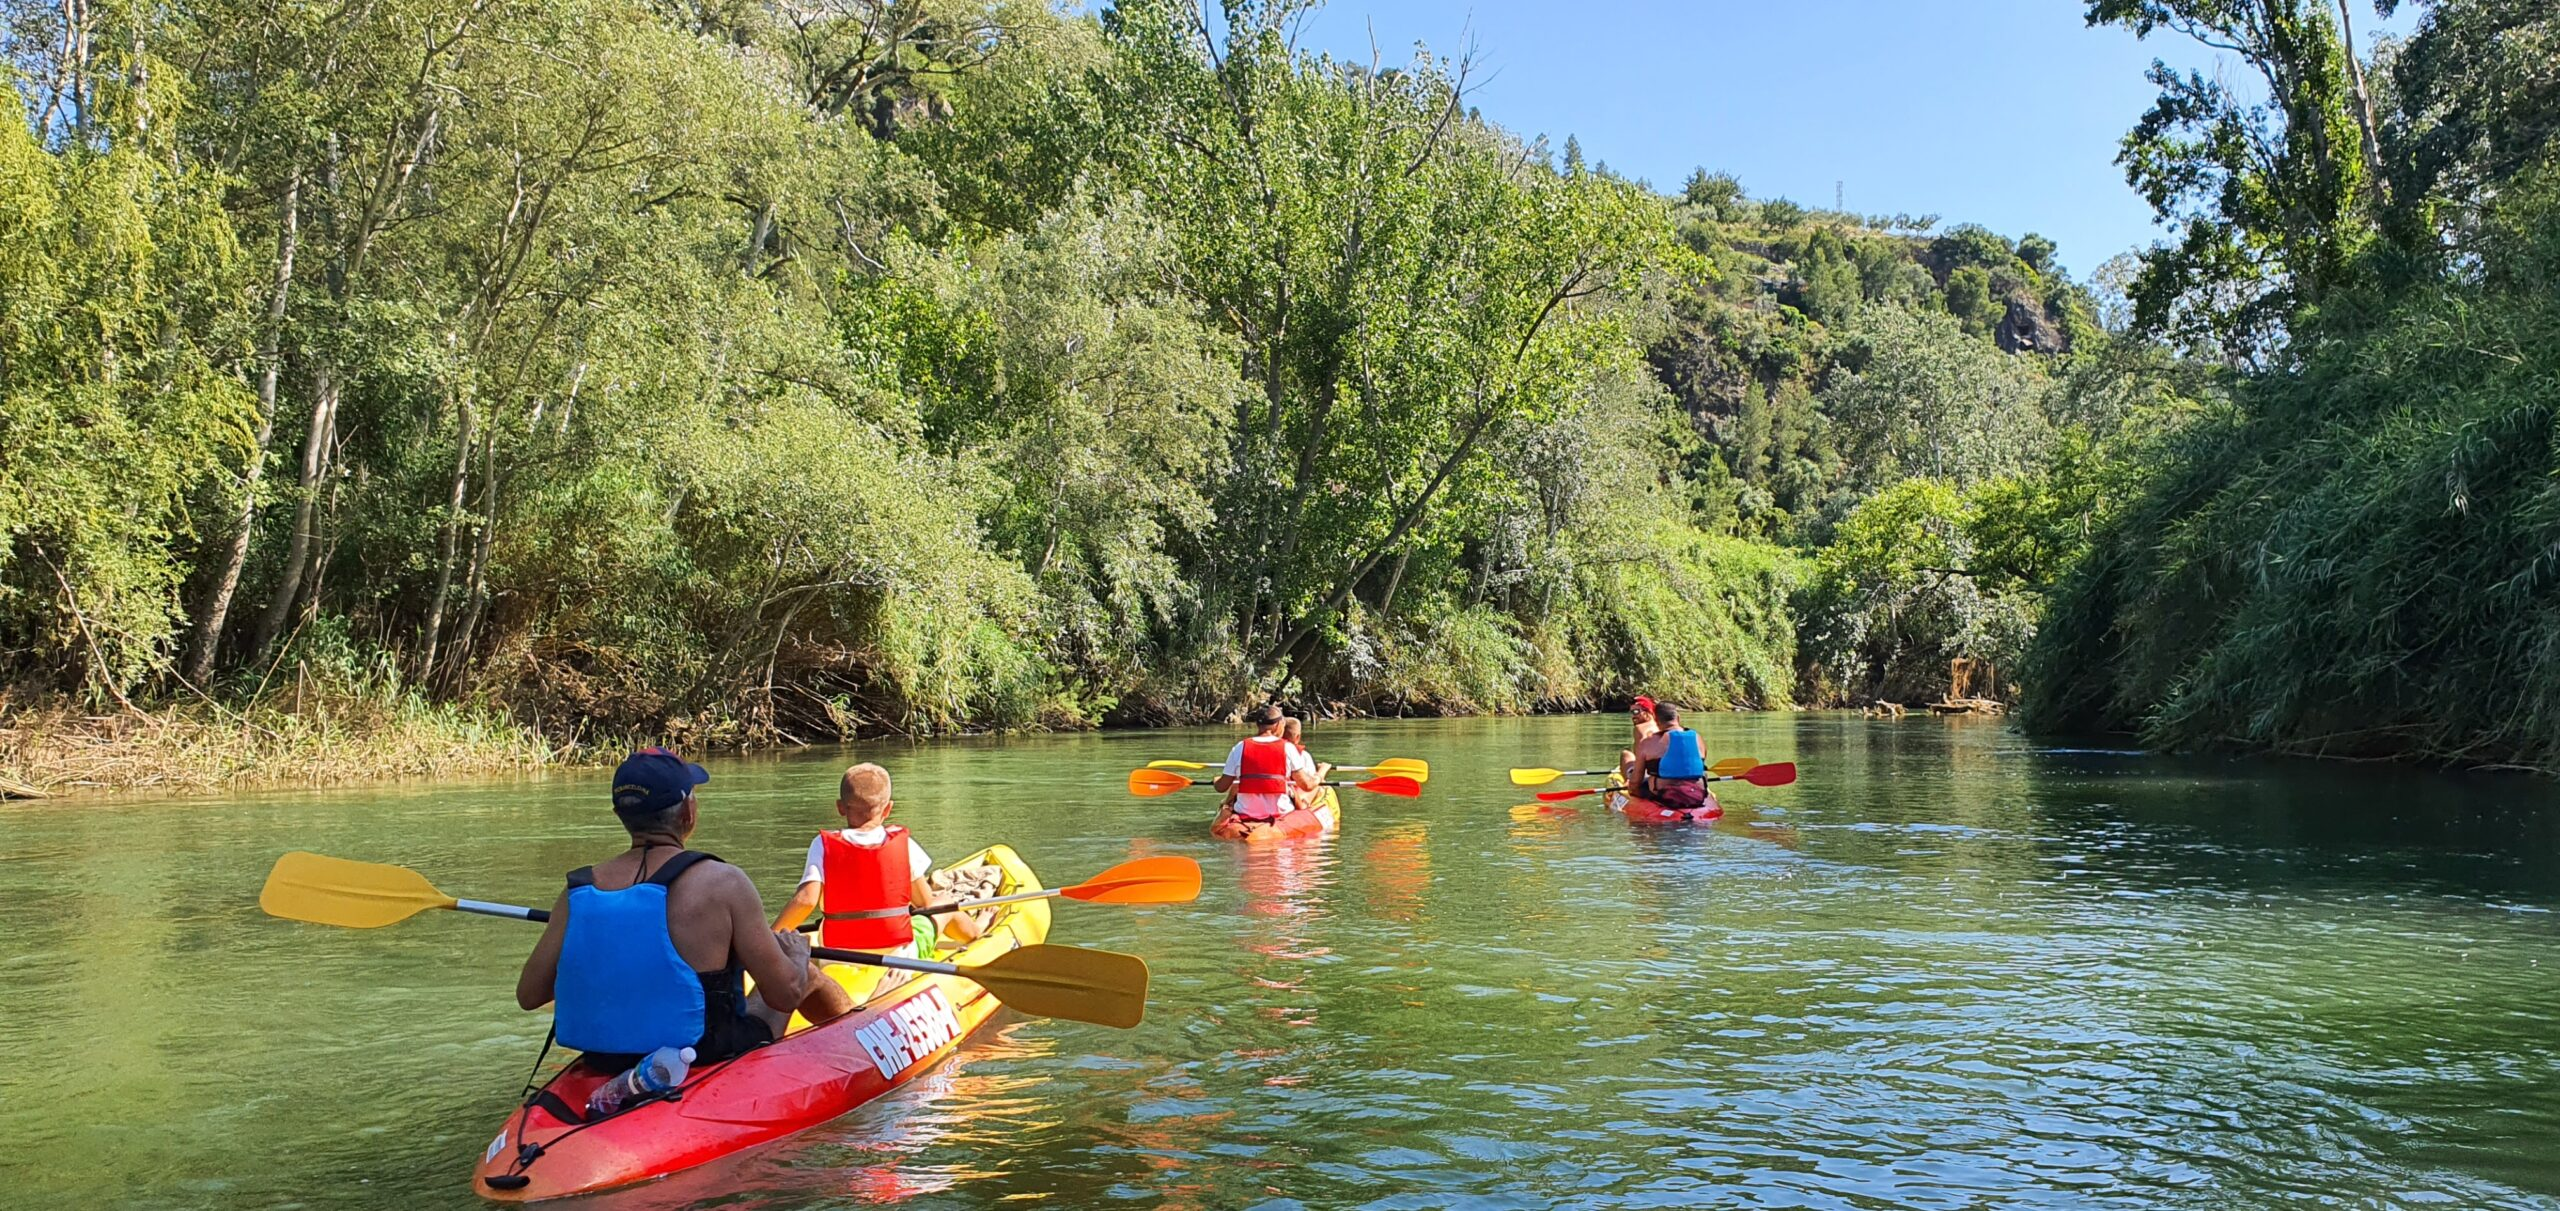 Ebro River Kayak Experience From Salou_123_6